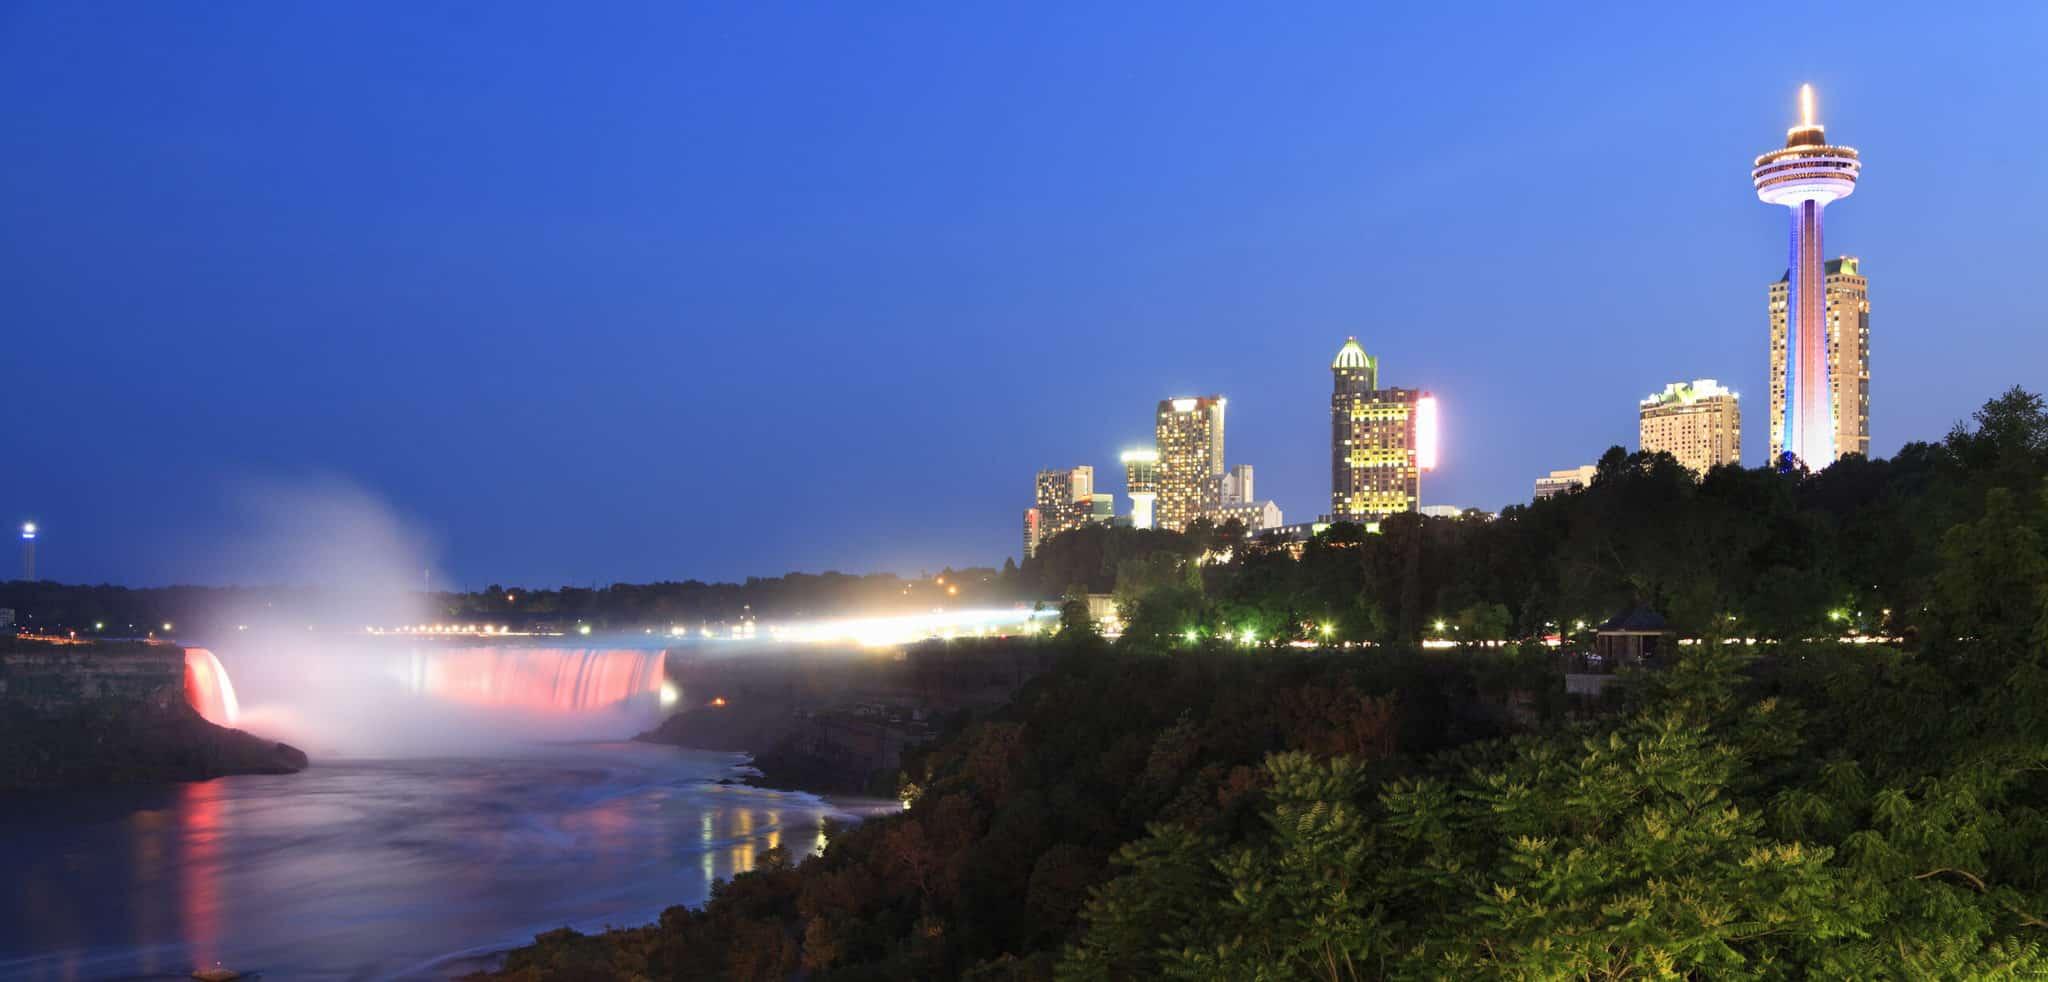 Niagara Falls at night from the north